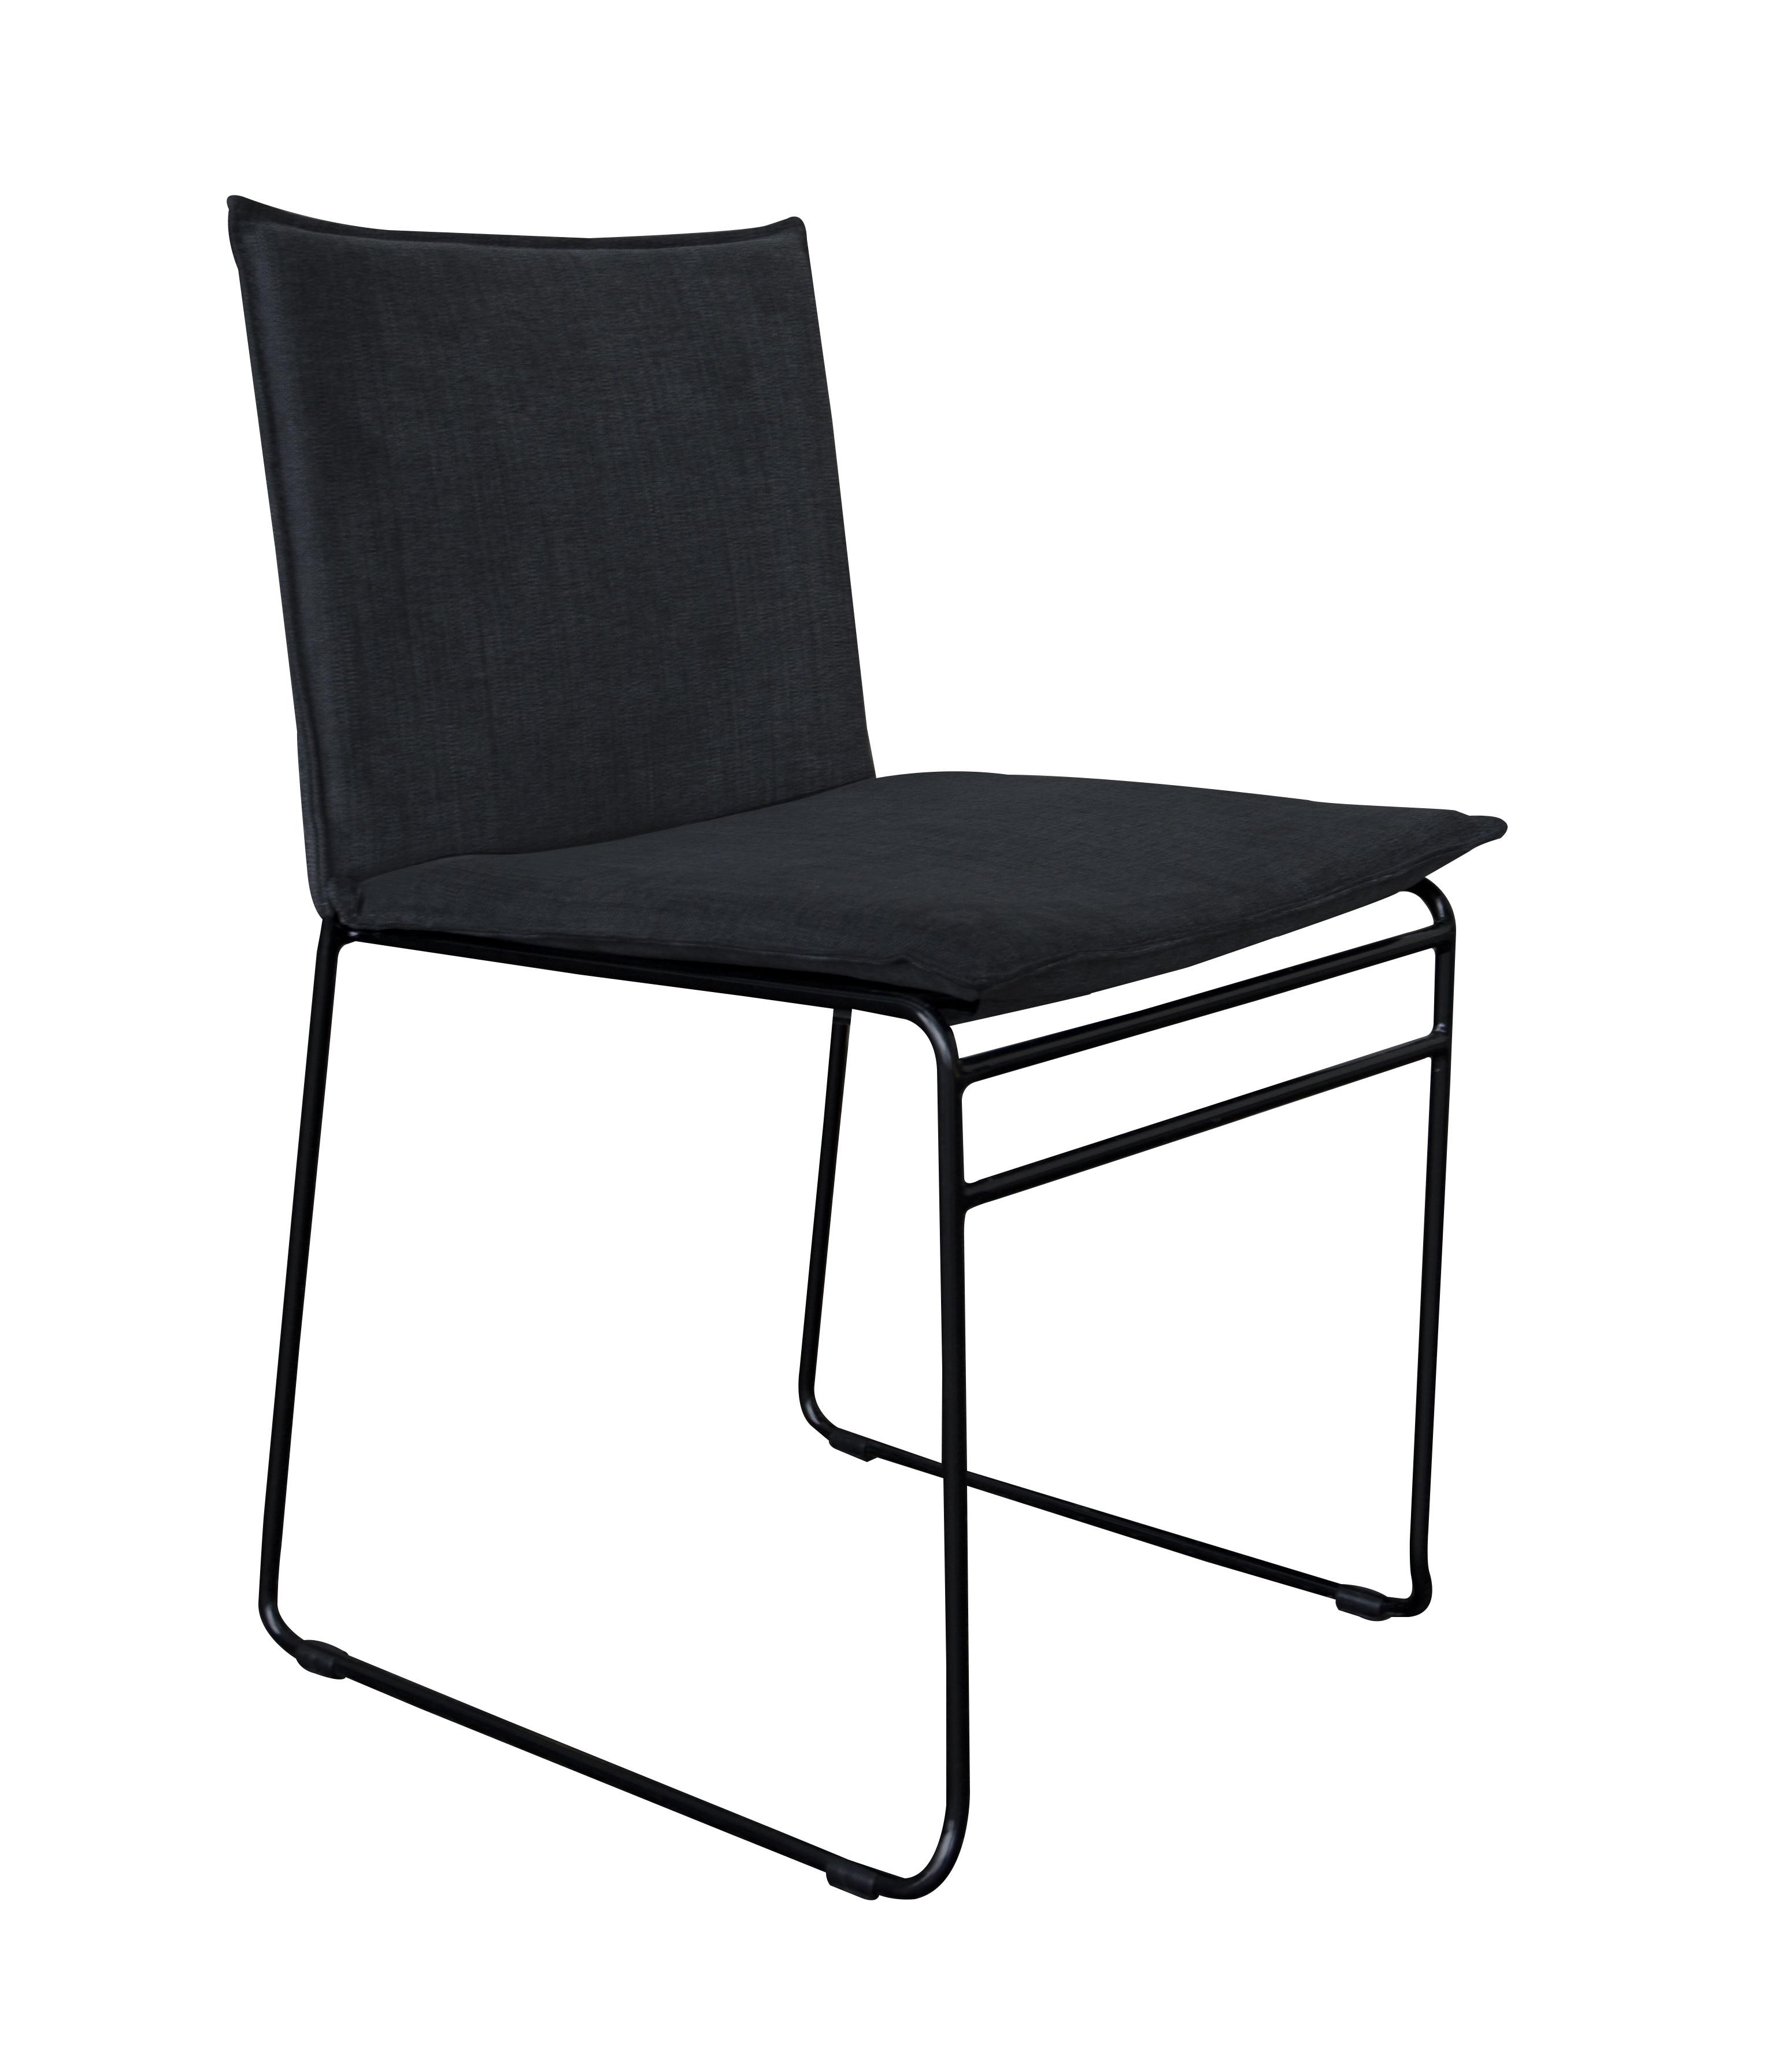 Kyst Dining Chair - Stuhl für Innen- und Aussenbereich 02